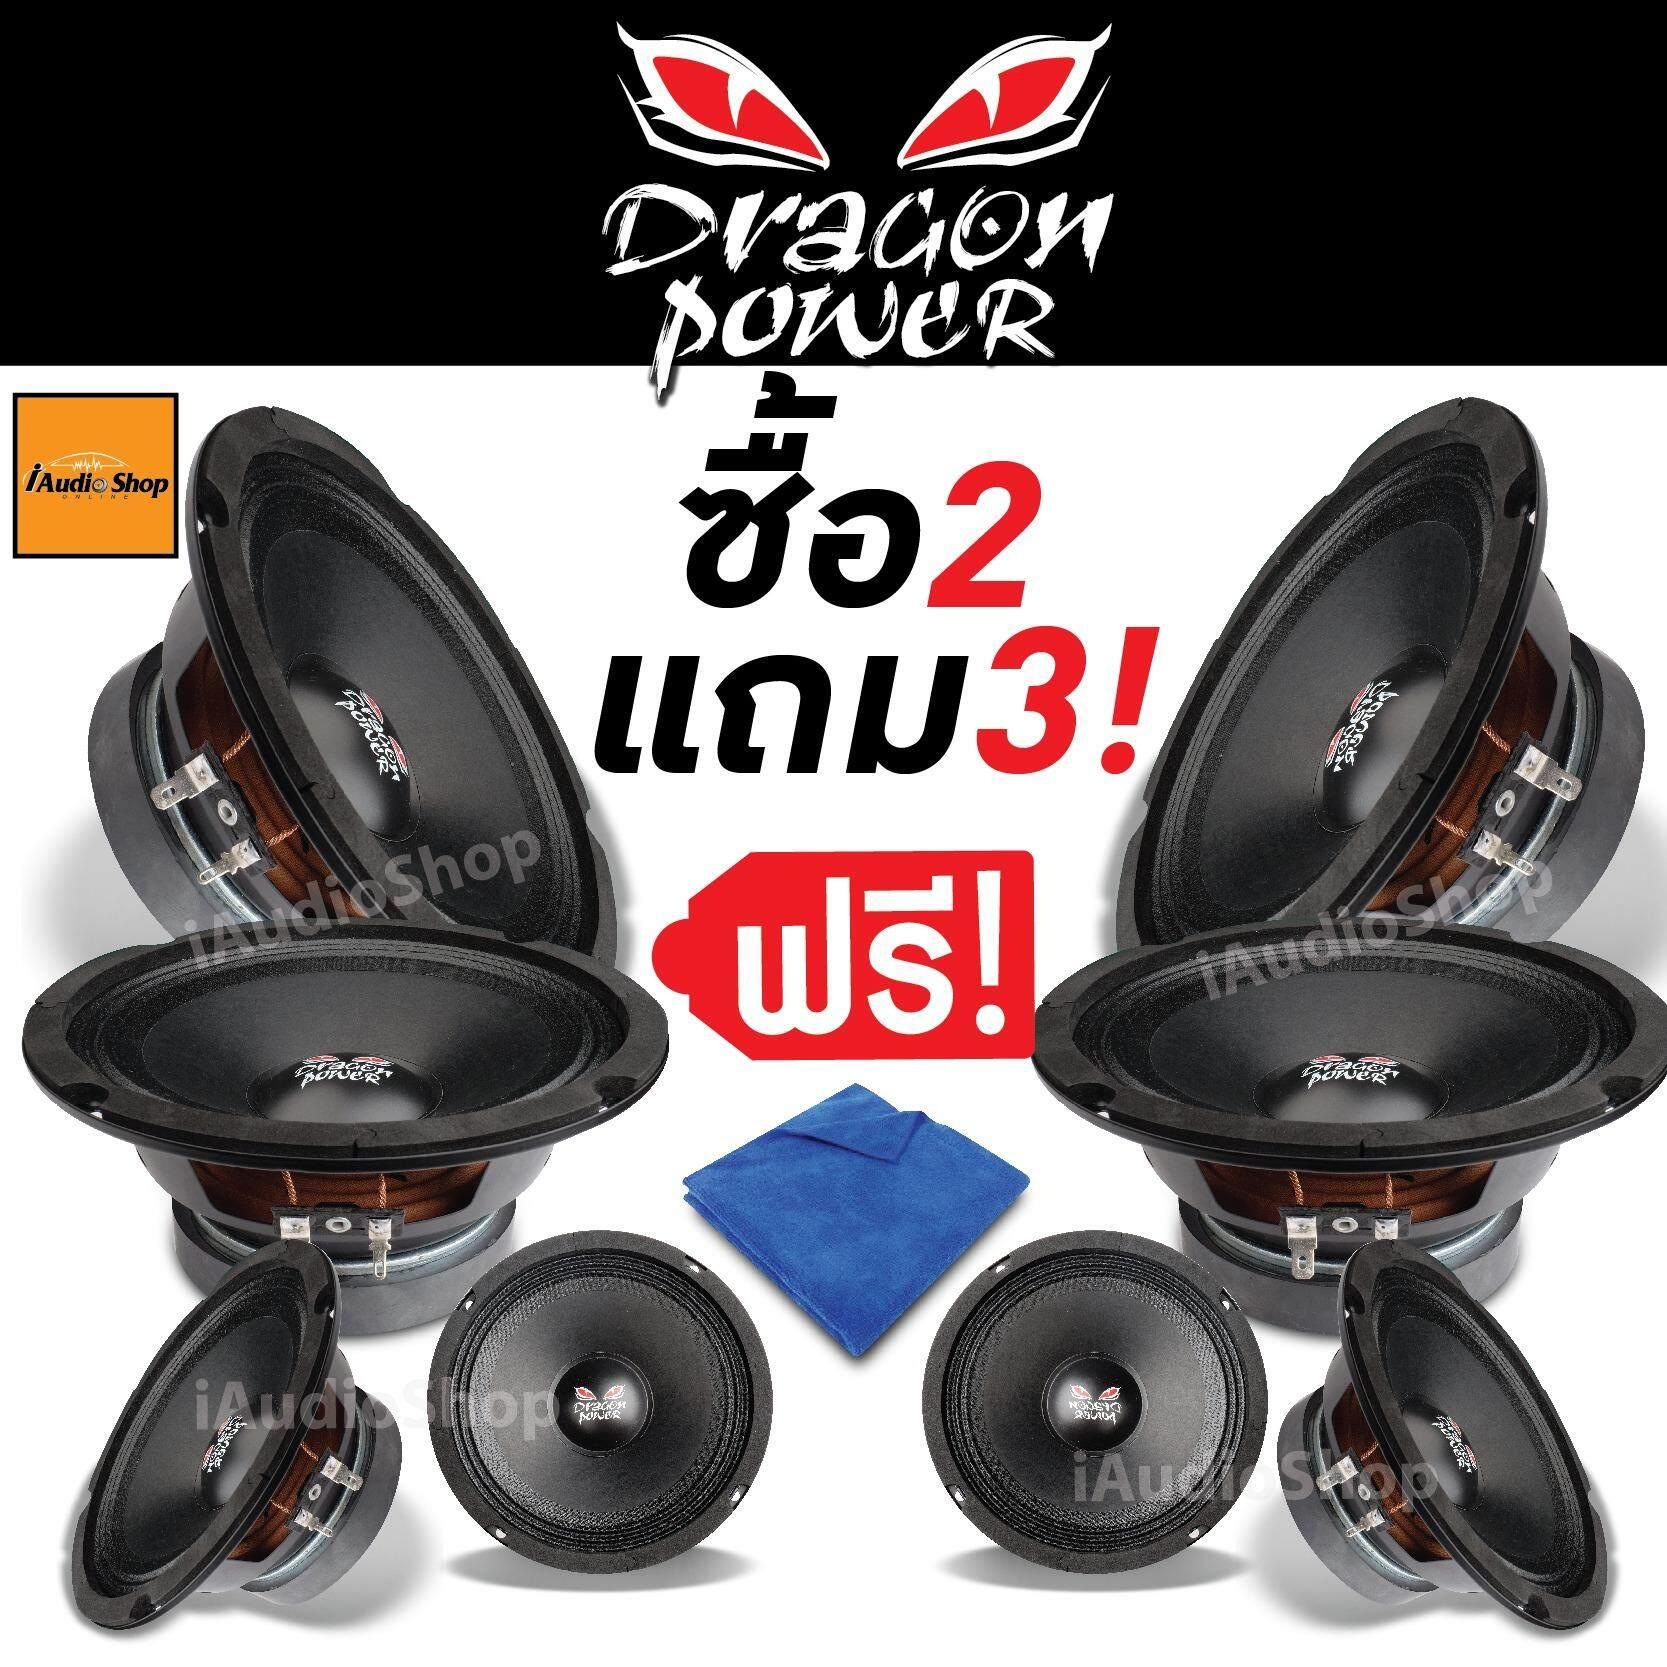 ซื้อ Dragon Power ซื้อ2แถม3 ลำโพง ลำโพงเสียงกลาง ขนาด6 5นิ้ว Dgs 602 จำนวน 2คู่ แถมฟรี ลำโพงเสียงกลาง Dgs 602 เพิ่มอีกจำนวน 2คู่ และ แถมฟรี ผ้าไมโครไฟเบอร์อีก 1ผืน ใหม่ล่าสุด